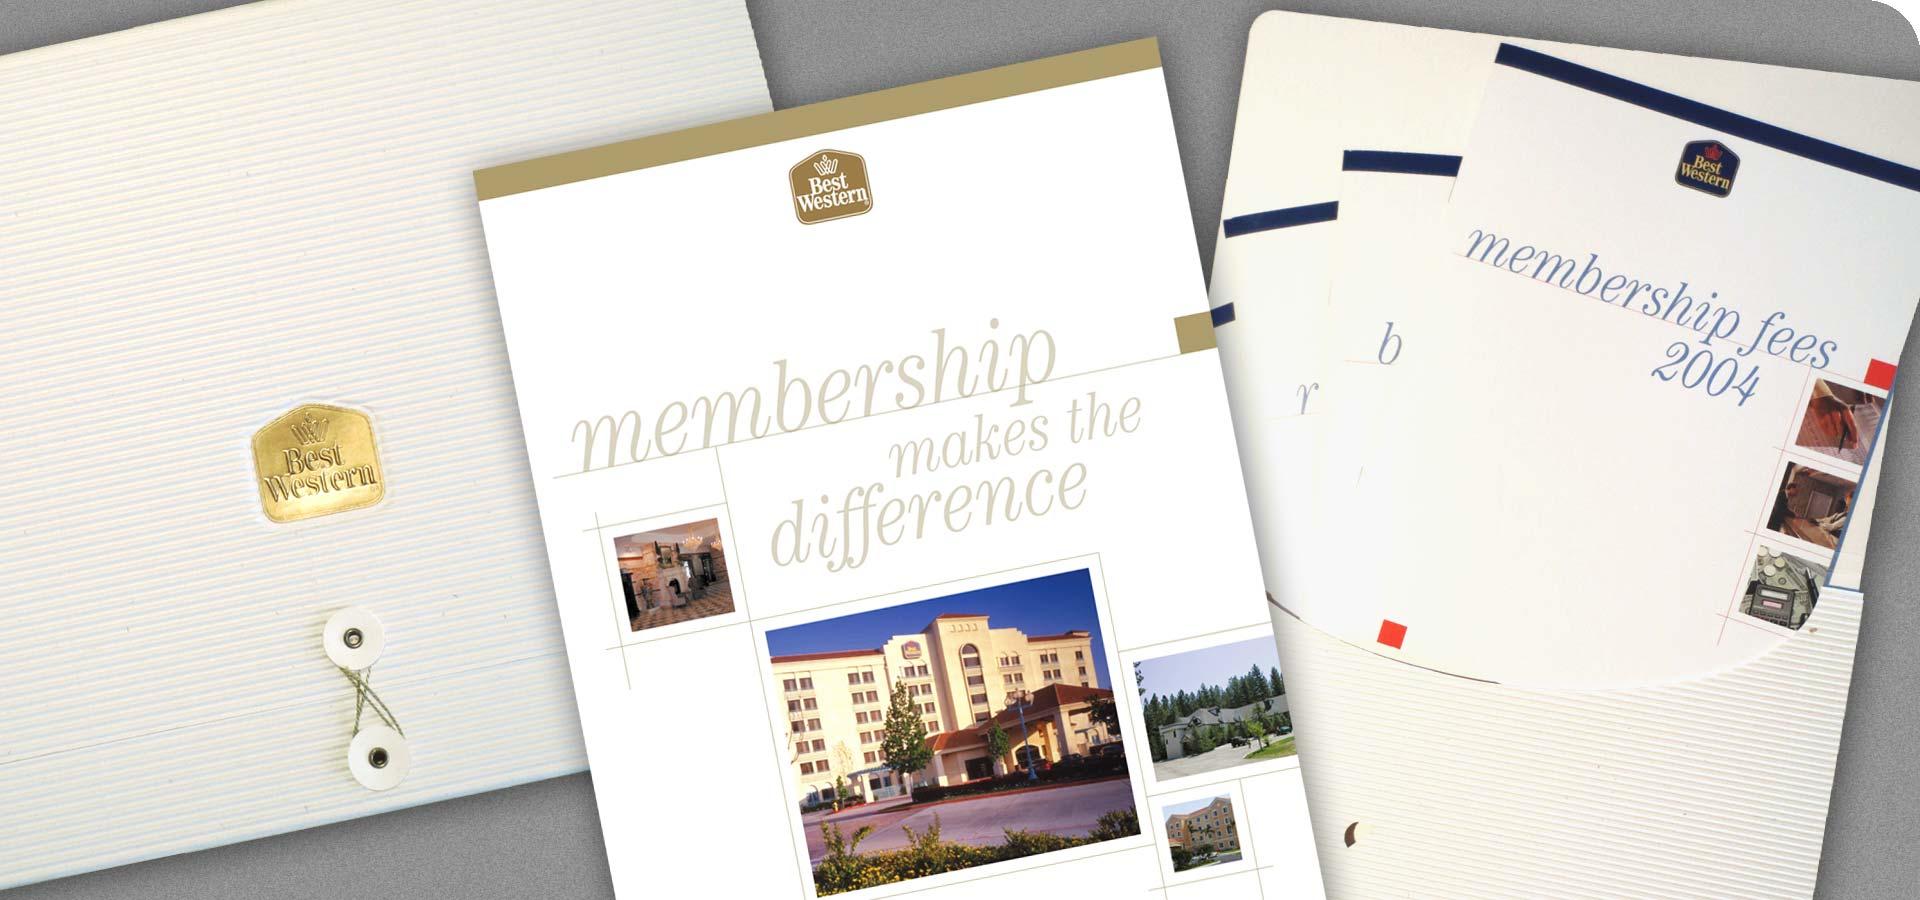 Best Western Membership Benefits Kit